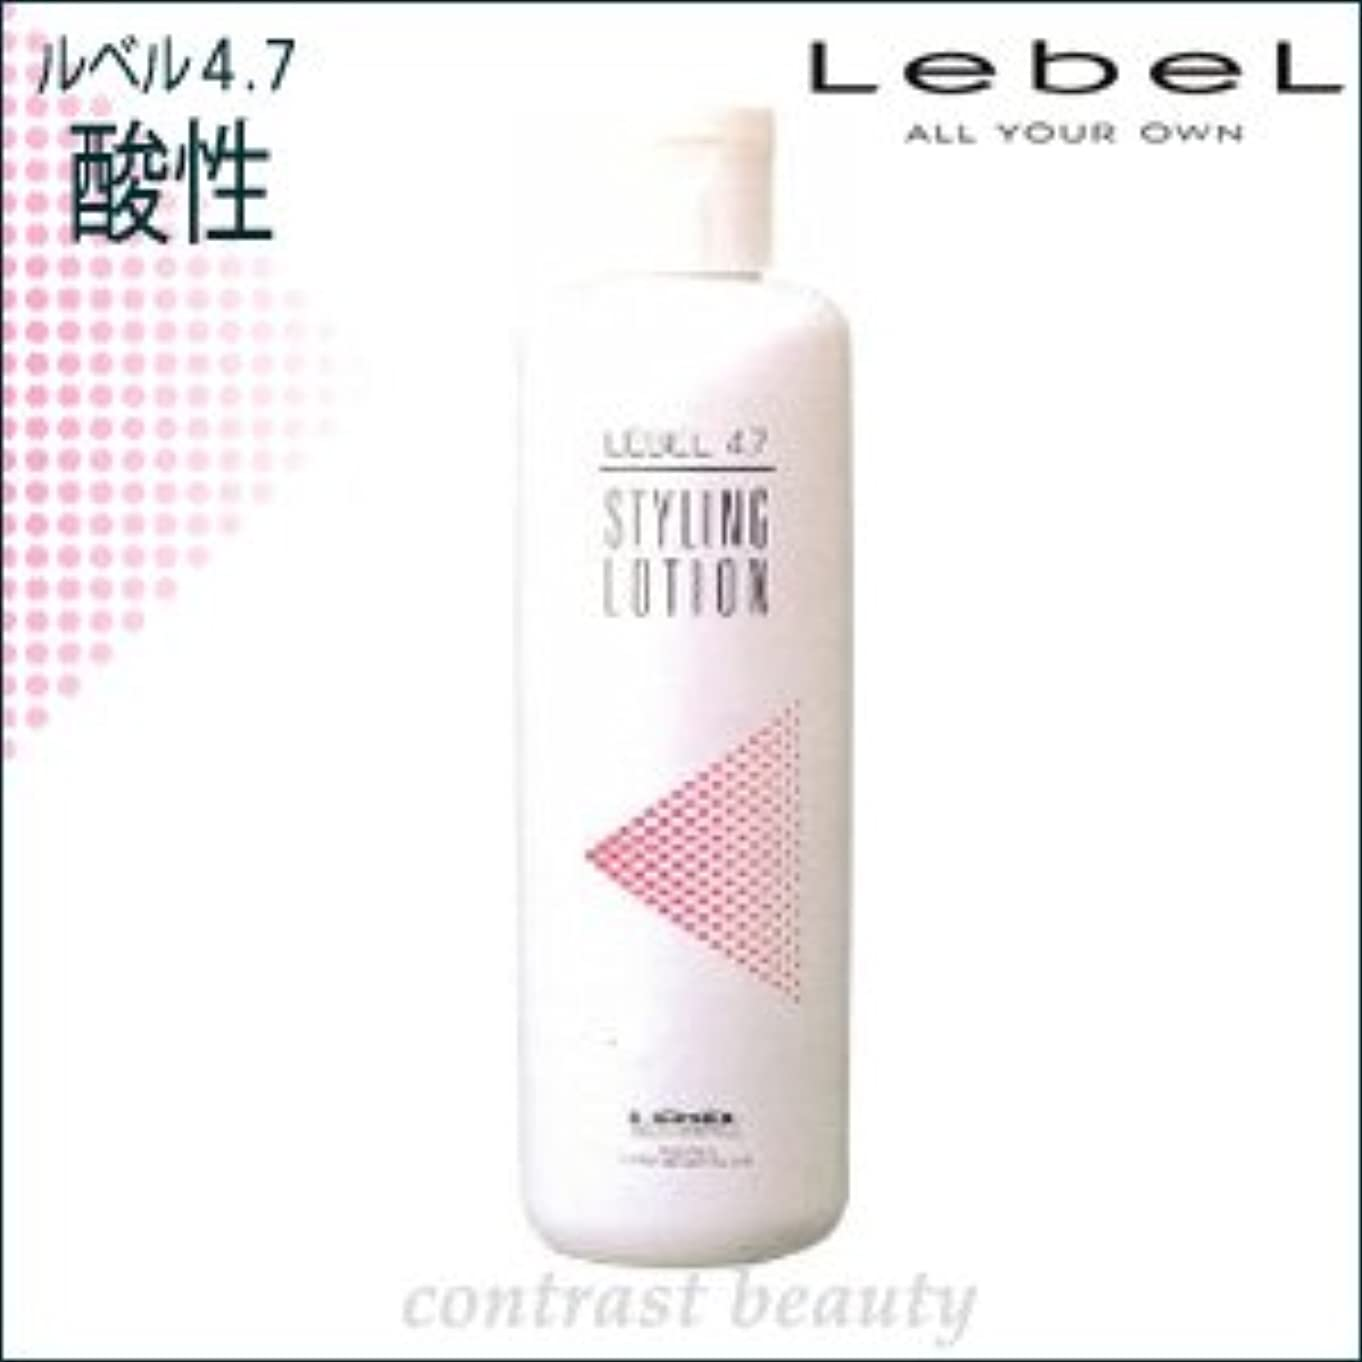 縫うバトルごみ【X3個セット】 ルベルコスメティックス/LebeL 4.7酸性 スタイリングローション 400ml